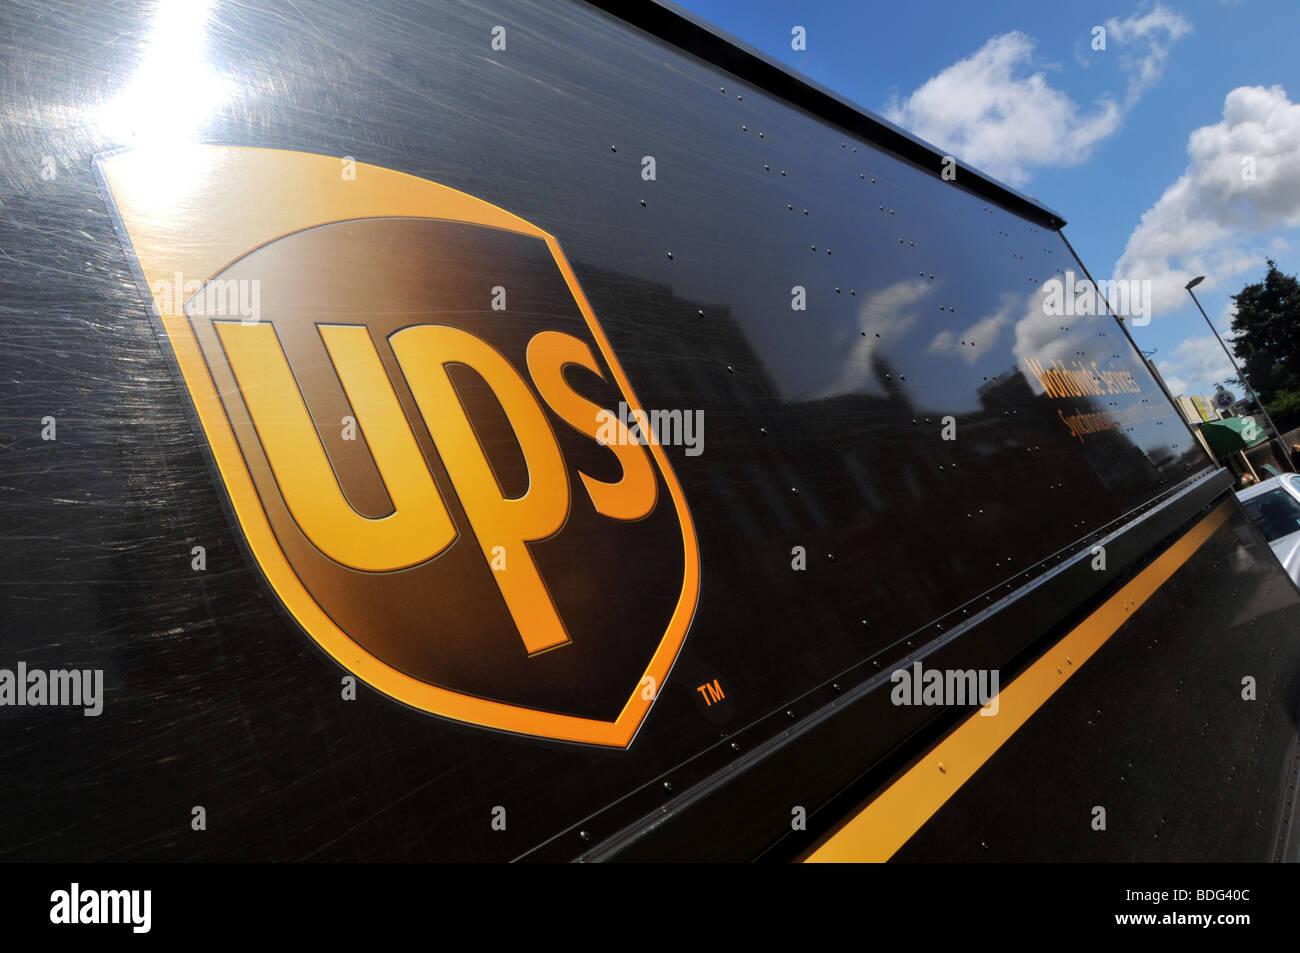 Il logo UPS sul carrello Immagini Stock